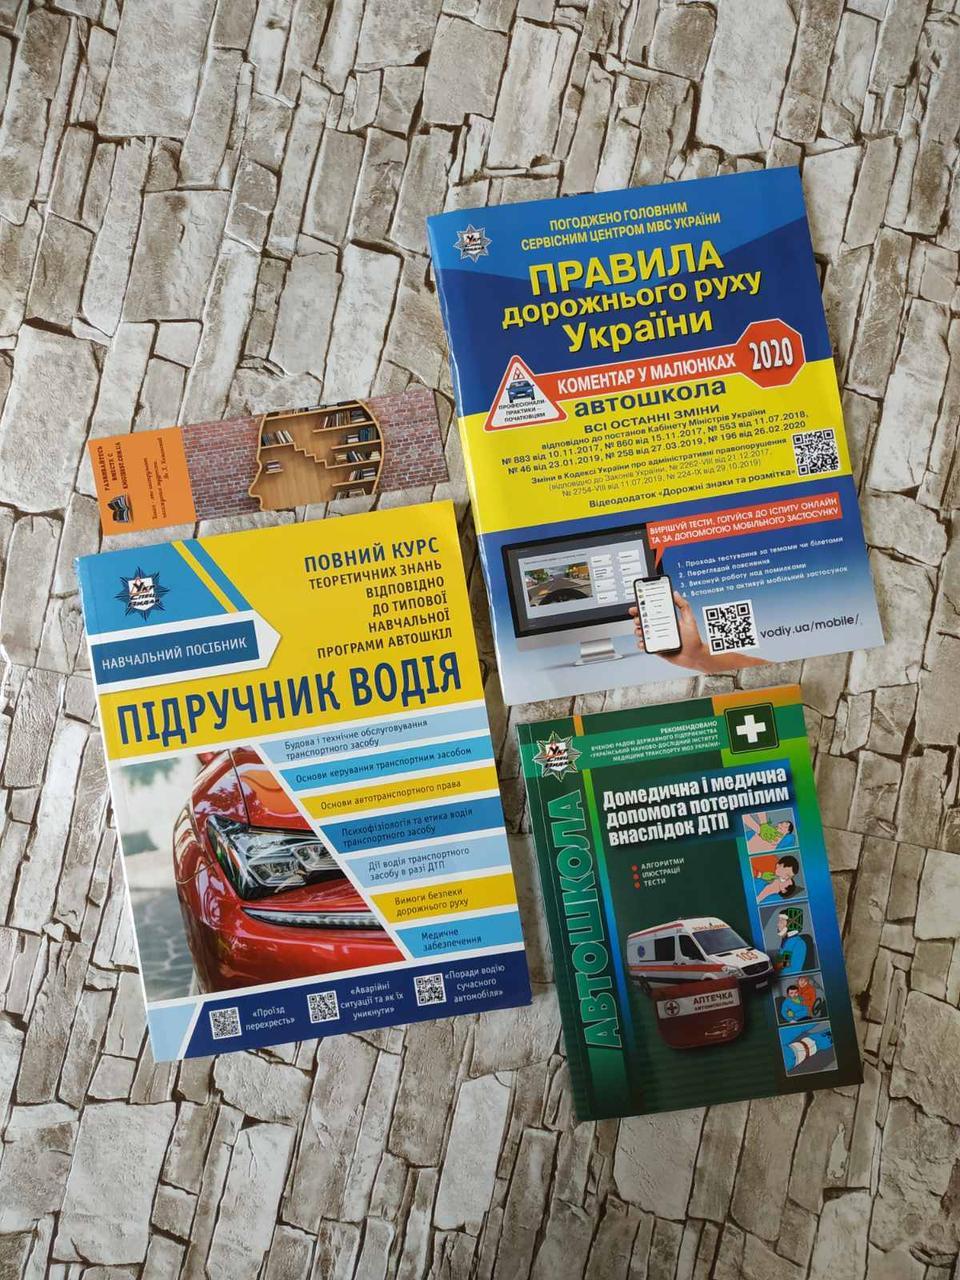 """Набор книг """"ПДР Украіни 2020"""" , """"Підручник водія"""" Панарін Є.В. и """"Домедична і медична допомога"""" Гусар В.Є."""